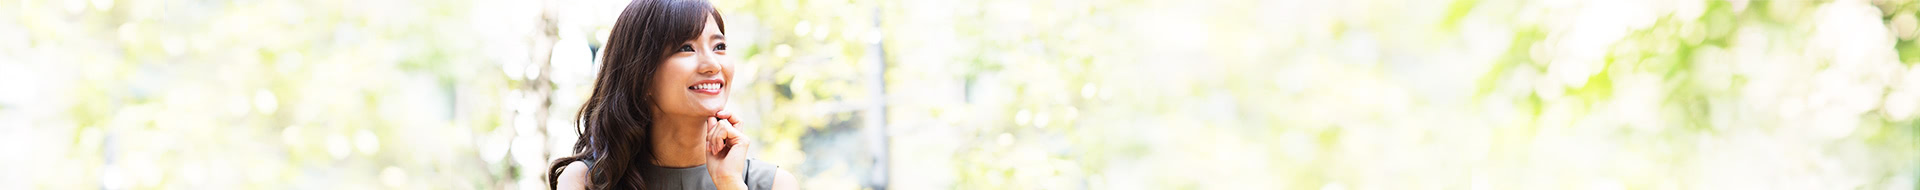 » 5/19(土)午後① 高年収女子のためのスマート投資術のメインビジュアル